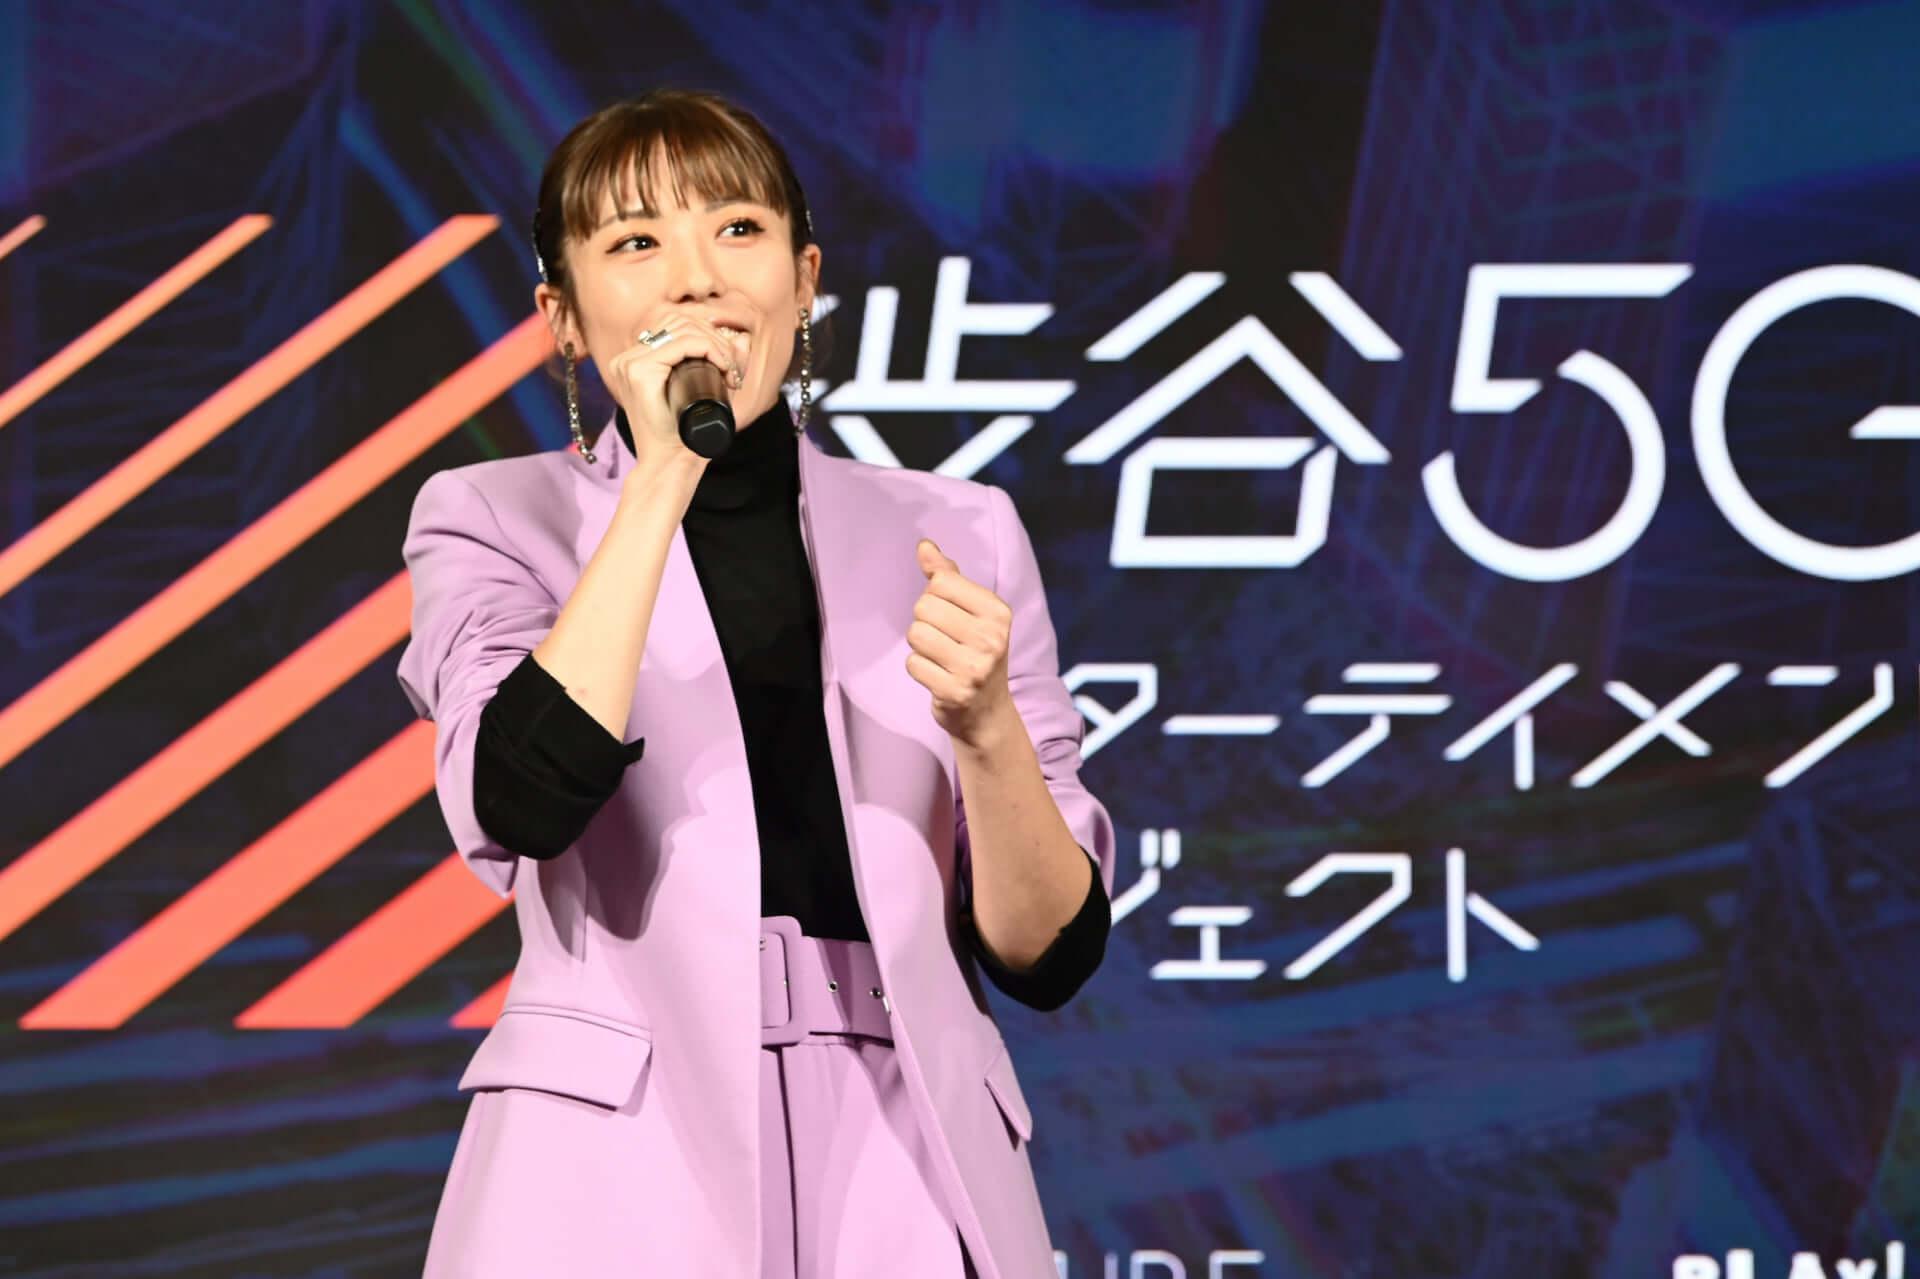 渋谷が5G×エンタメで盛り上がる!「渋谷5Gエンターテイメントプロジェクト」始動|キックオフパーティーにダレン・エマーソン、Licaxxxら登場 music200128_5g_4212-1920x1279